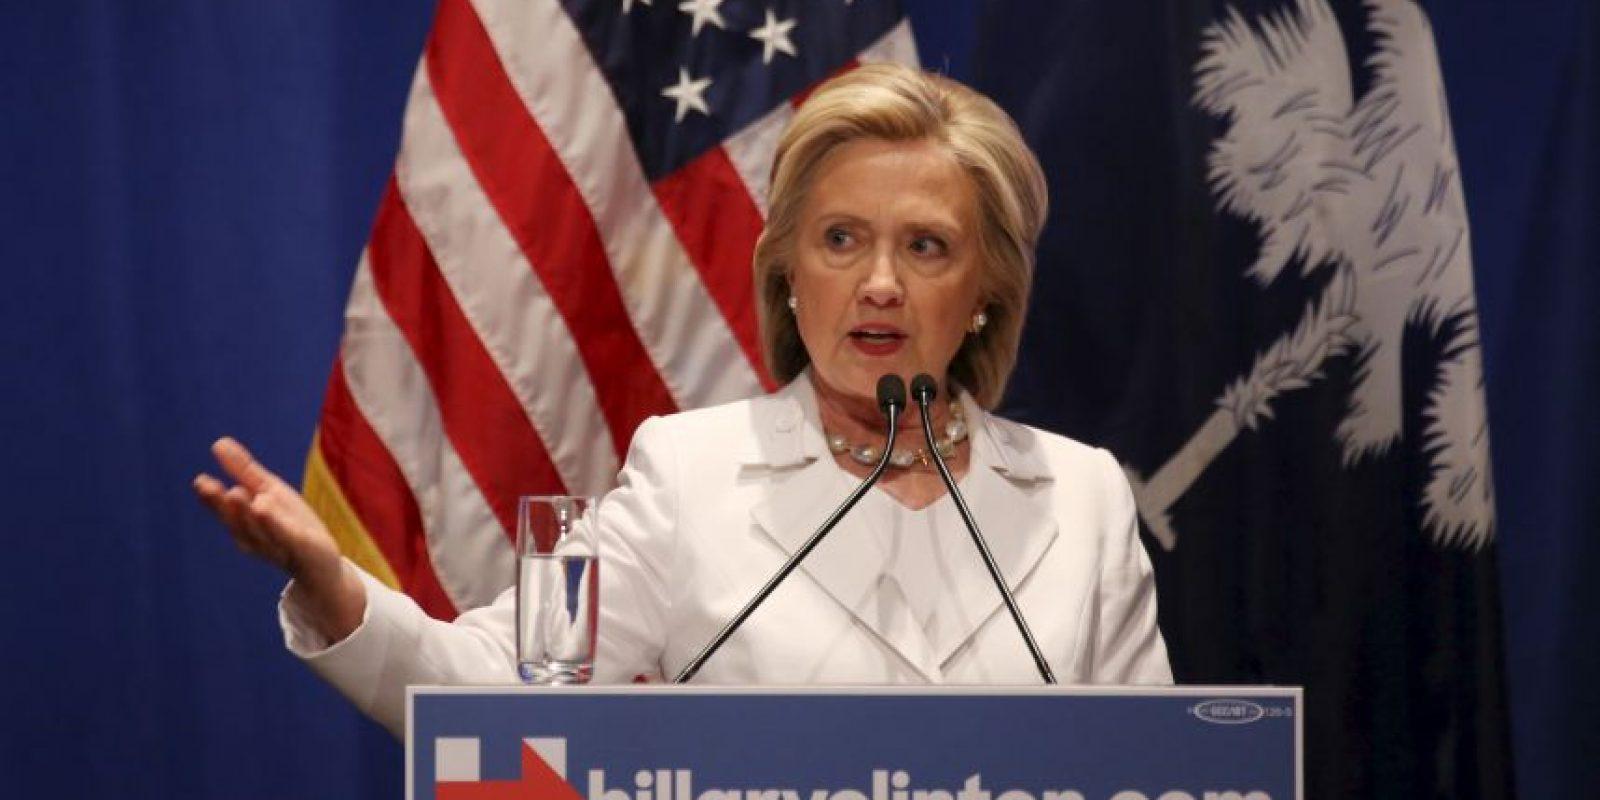 La candidata aseguró ser lo más transparente posible. Foto:Getty Images